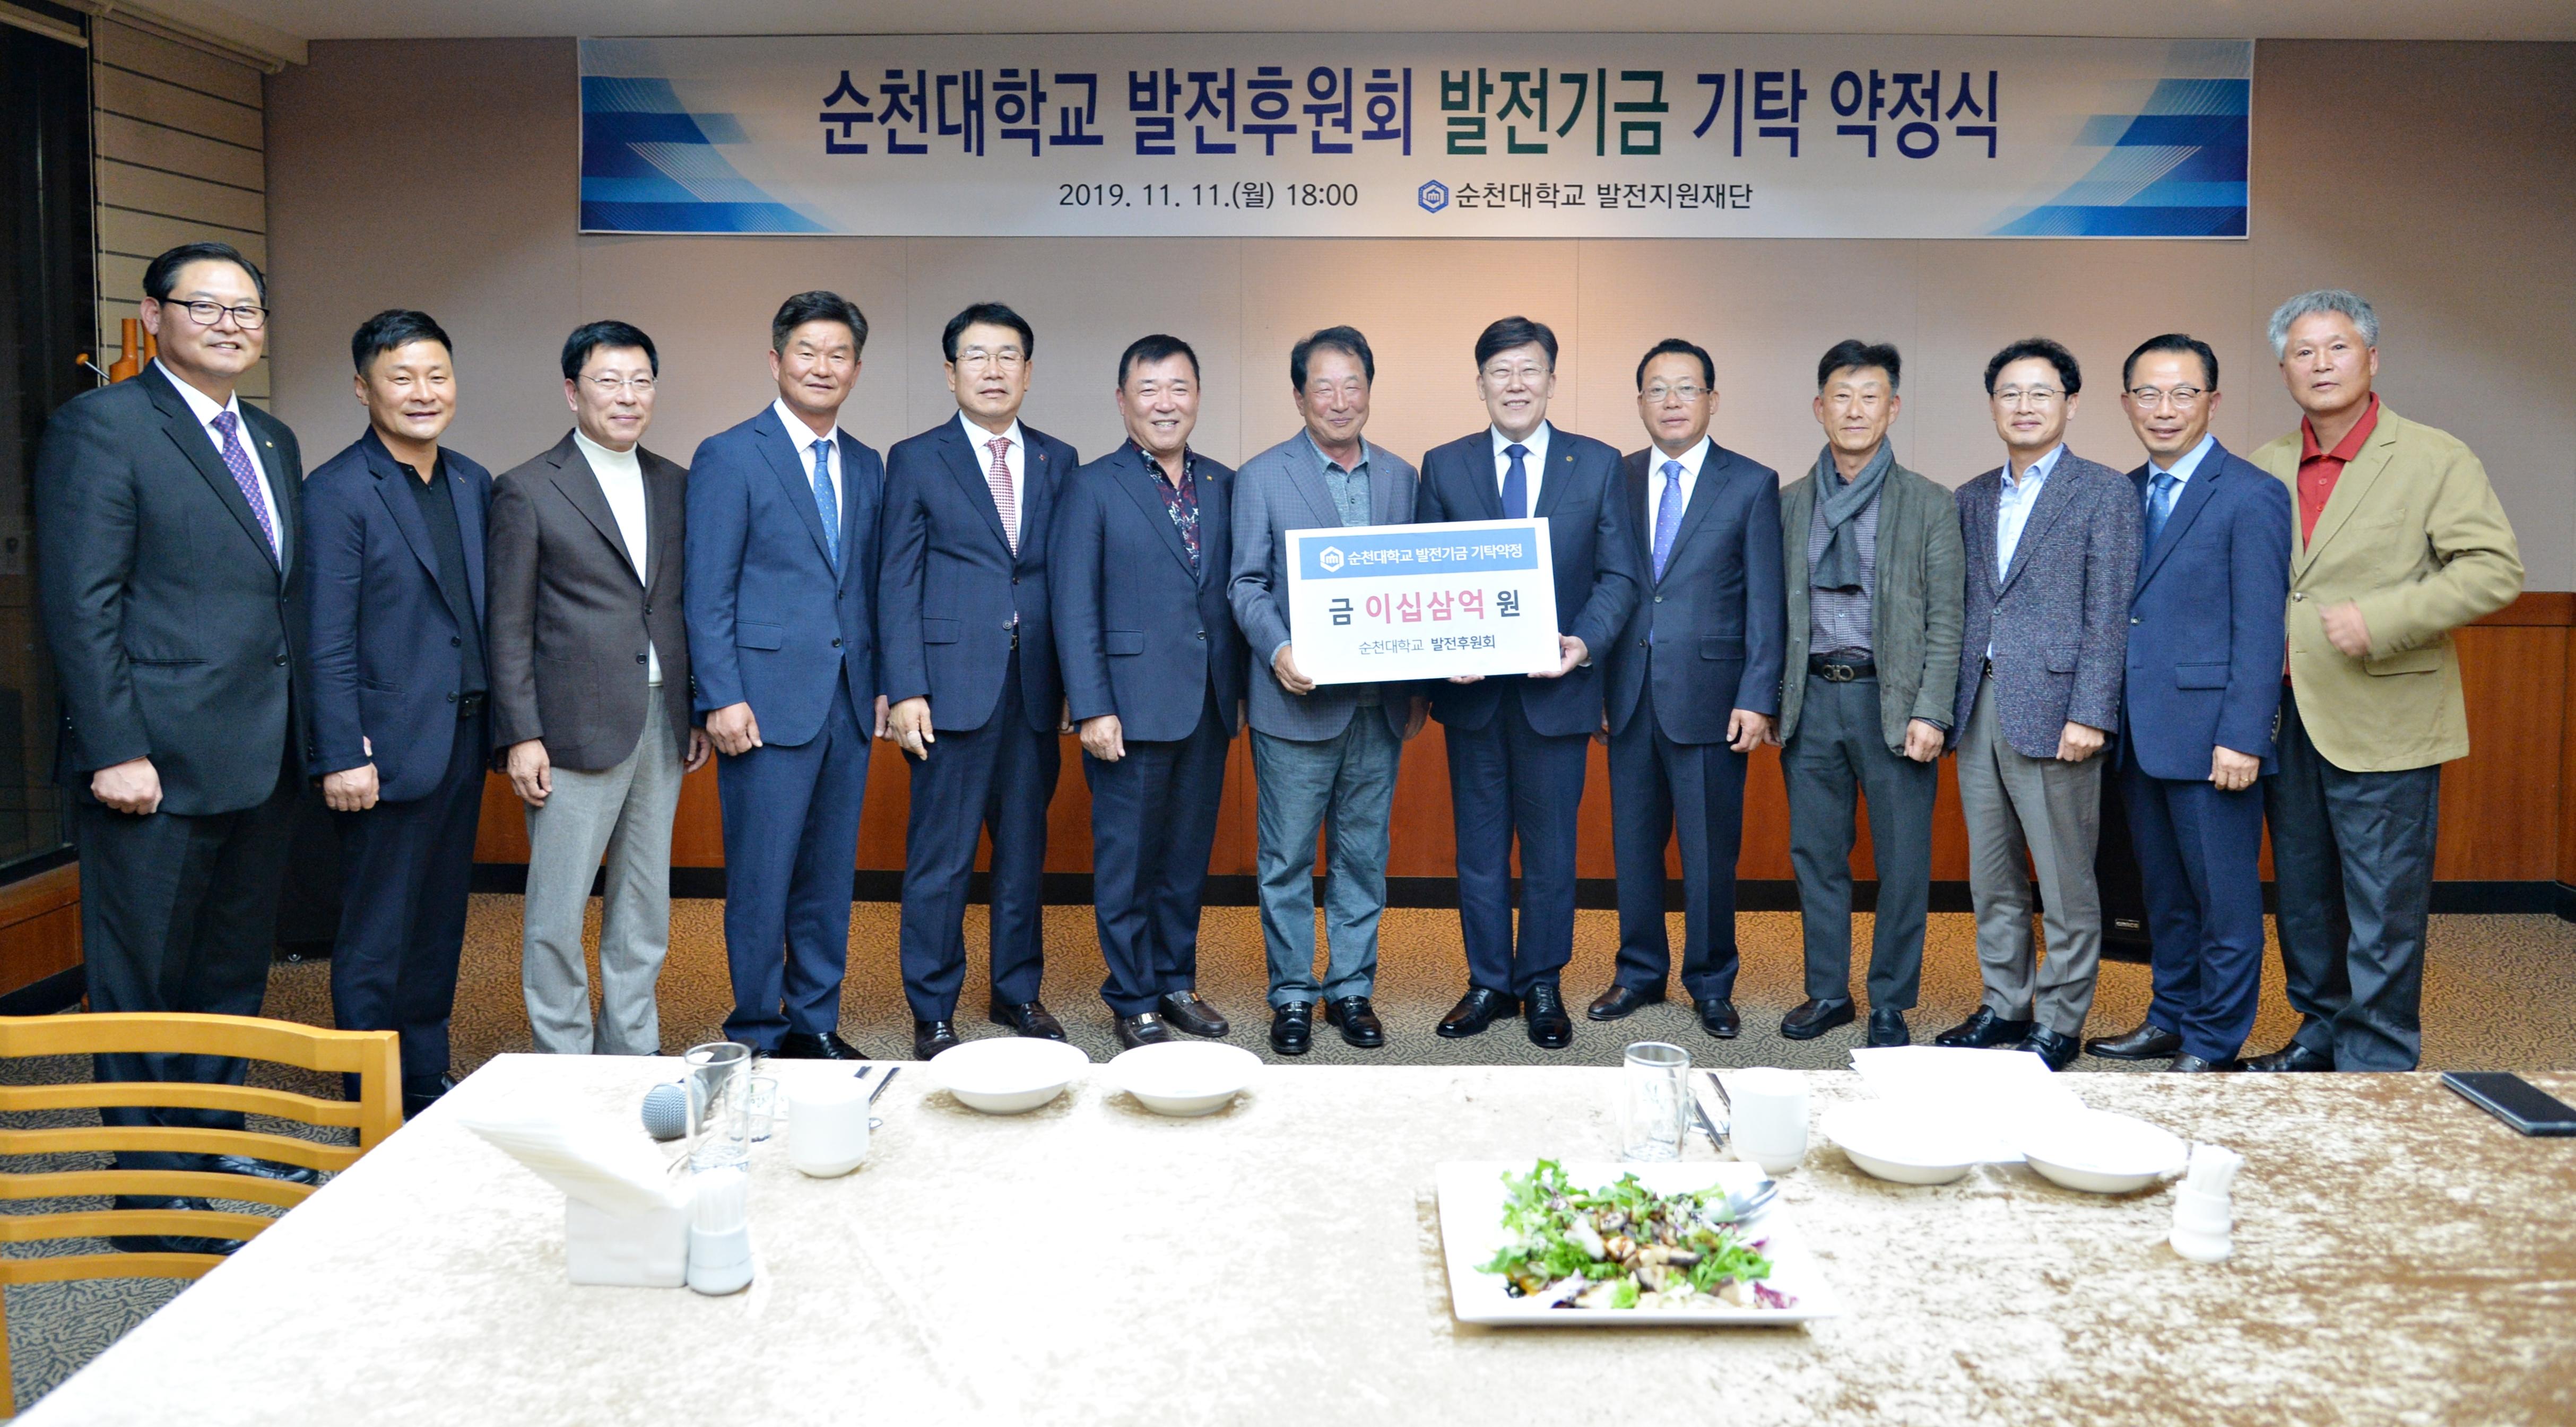 발전후원회, 대학발전기금 23억 원 기탁 약정식 개최